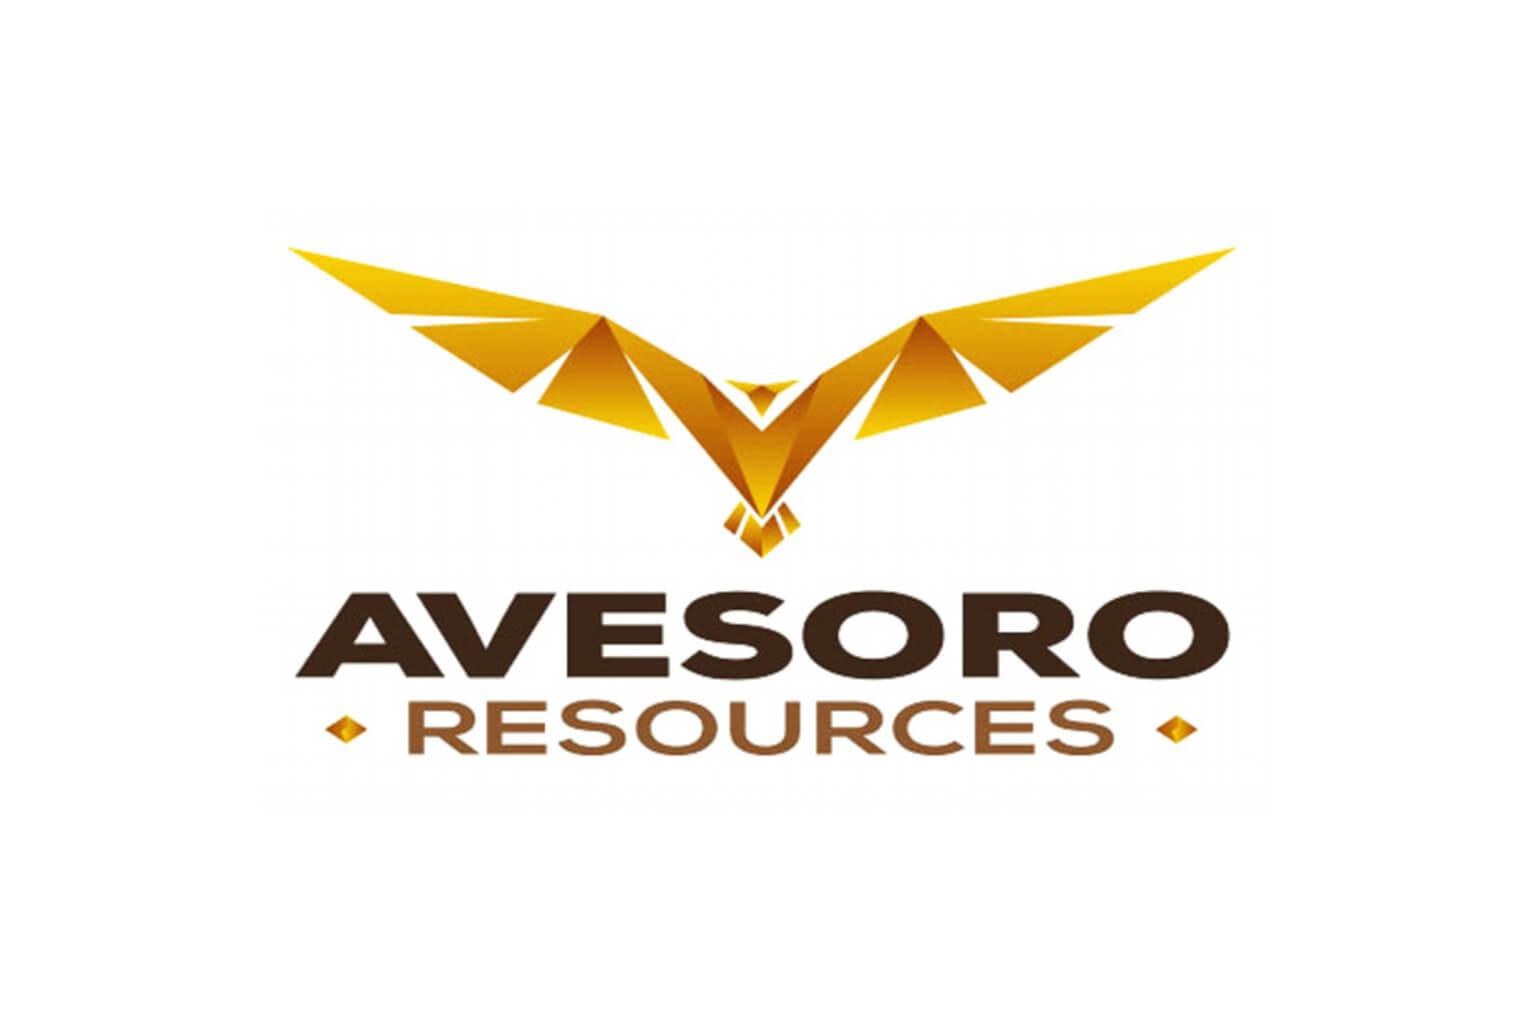 Avesoro